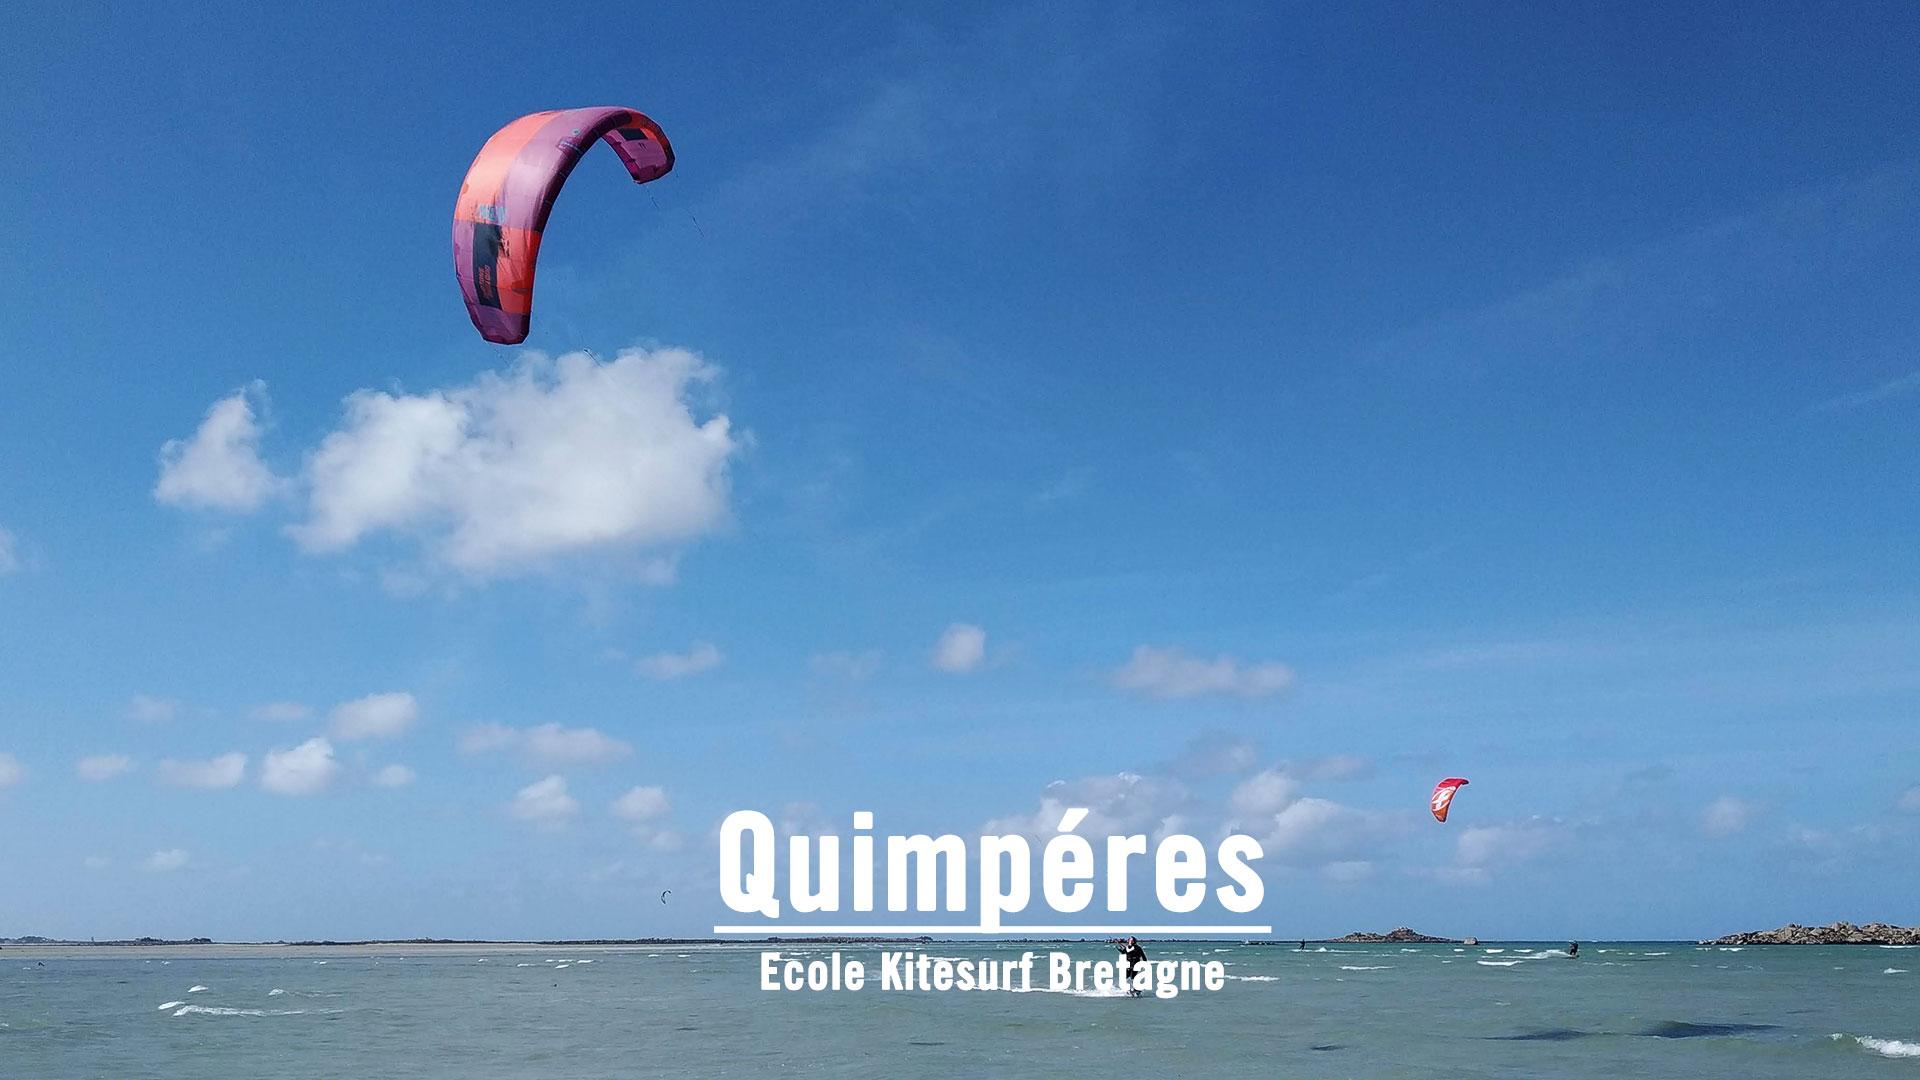 quimperes